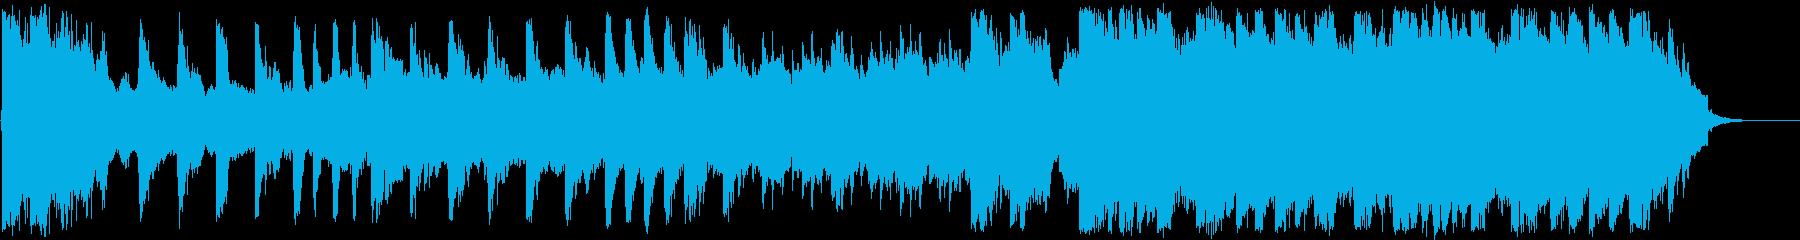 ノスタルジックで感動的なクラシックの再生済みの波形